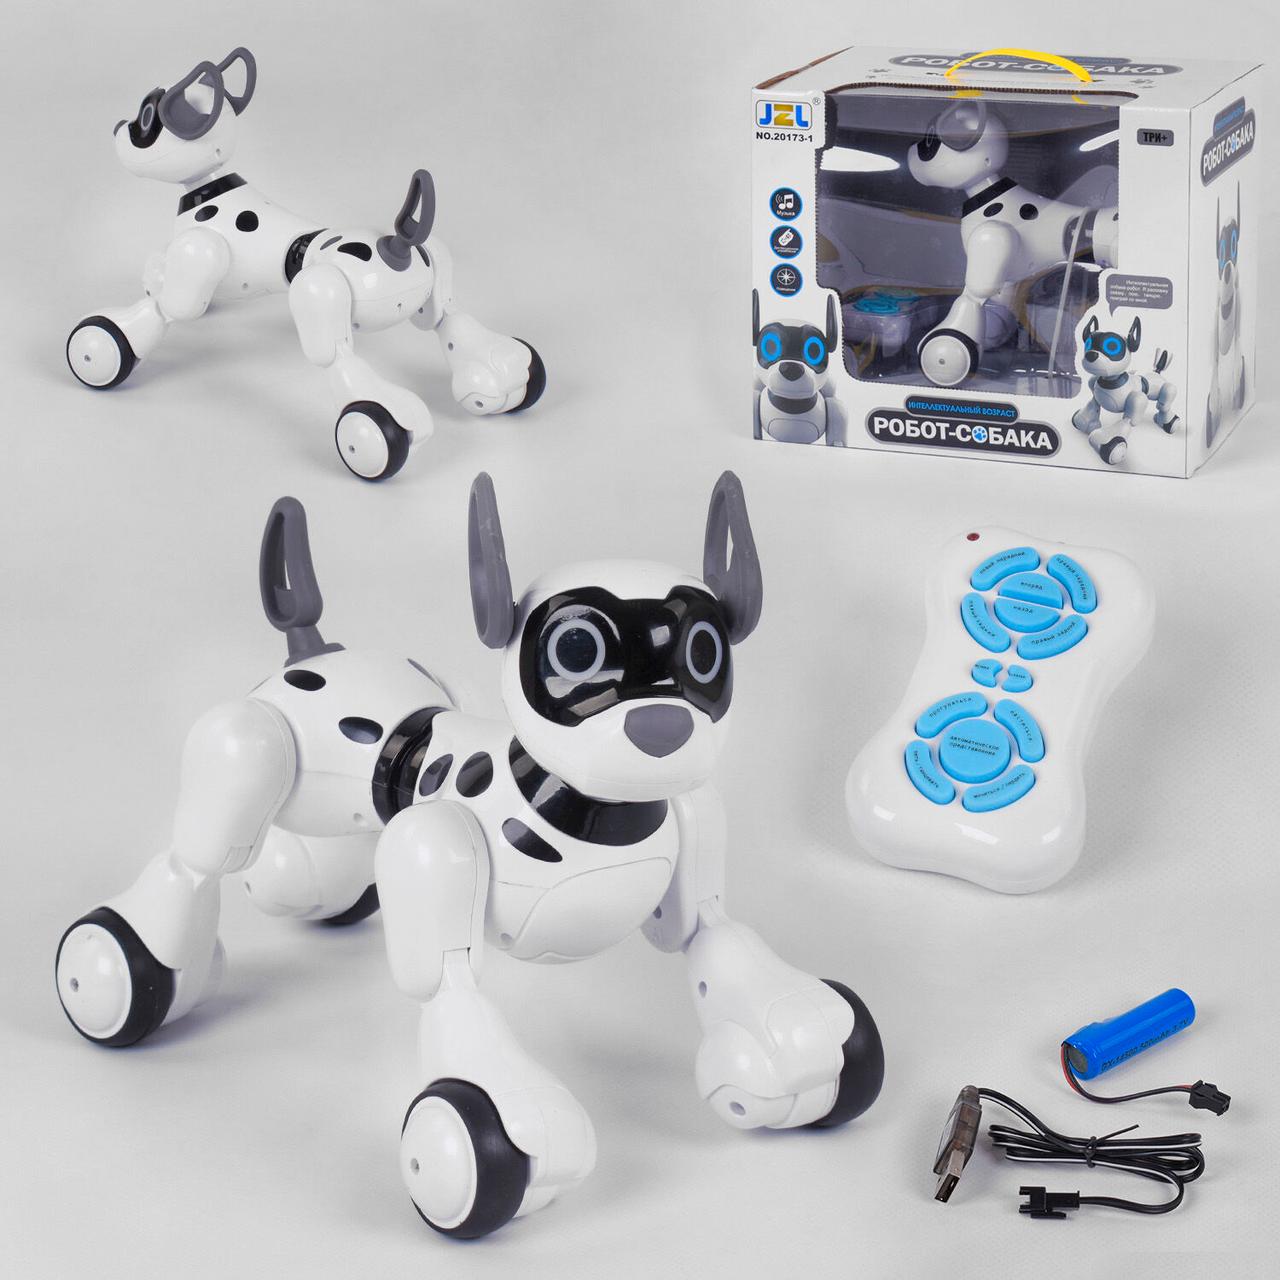 Собачка на р/у 20173-1 акум.3.7 V., пульт д/у, підсвічування, звук, ходить, танцює